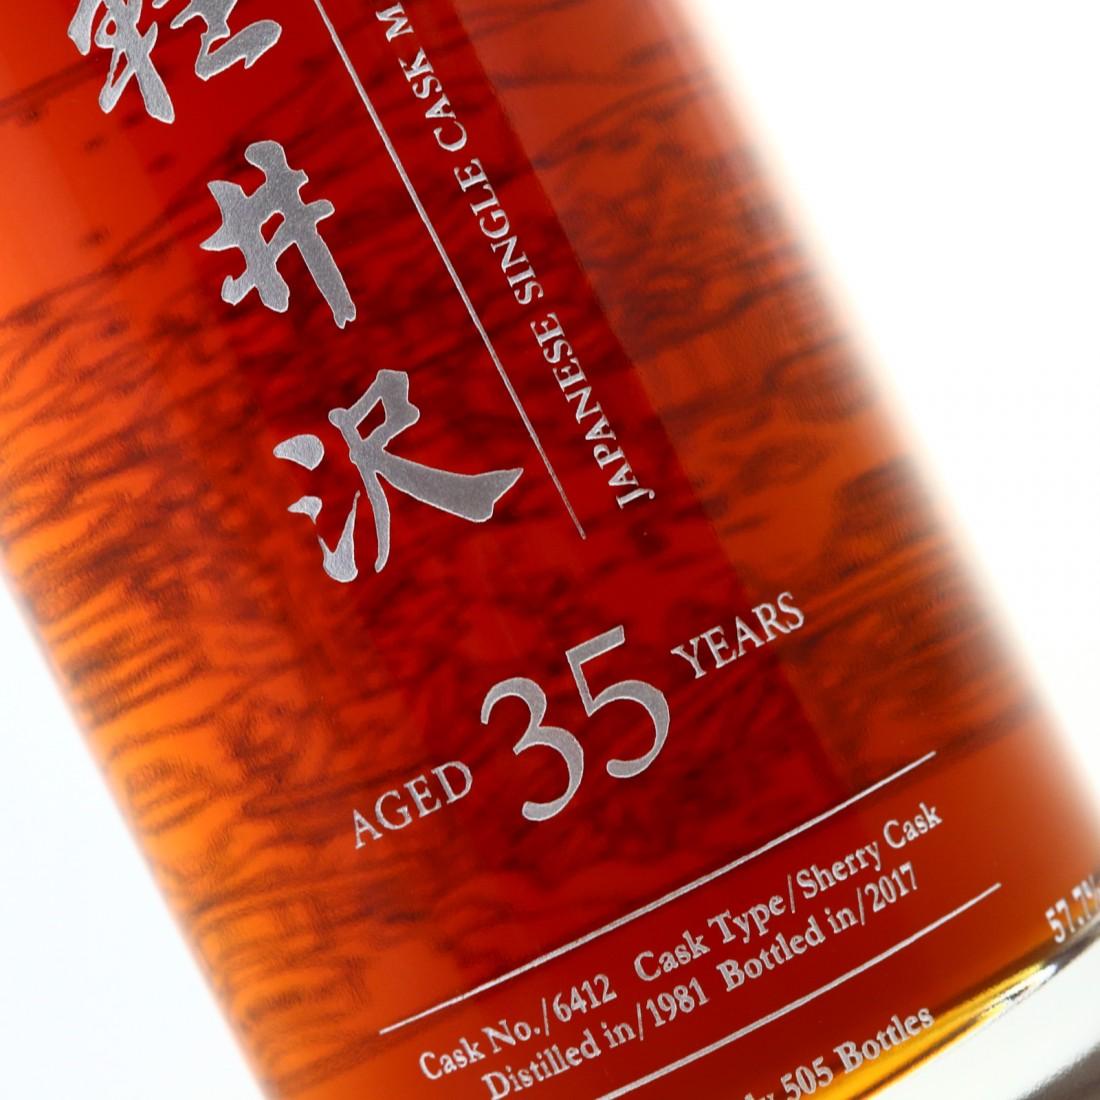 Karuizawa 1981 Single Sherry Cask 35 Year Old #6412 / Fazzino